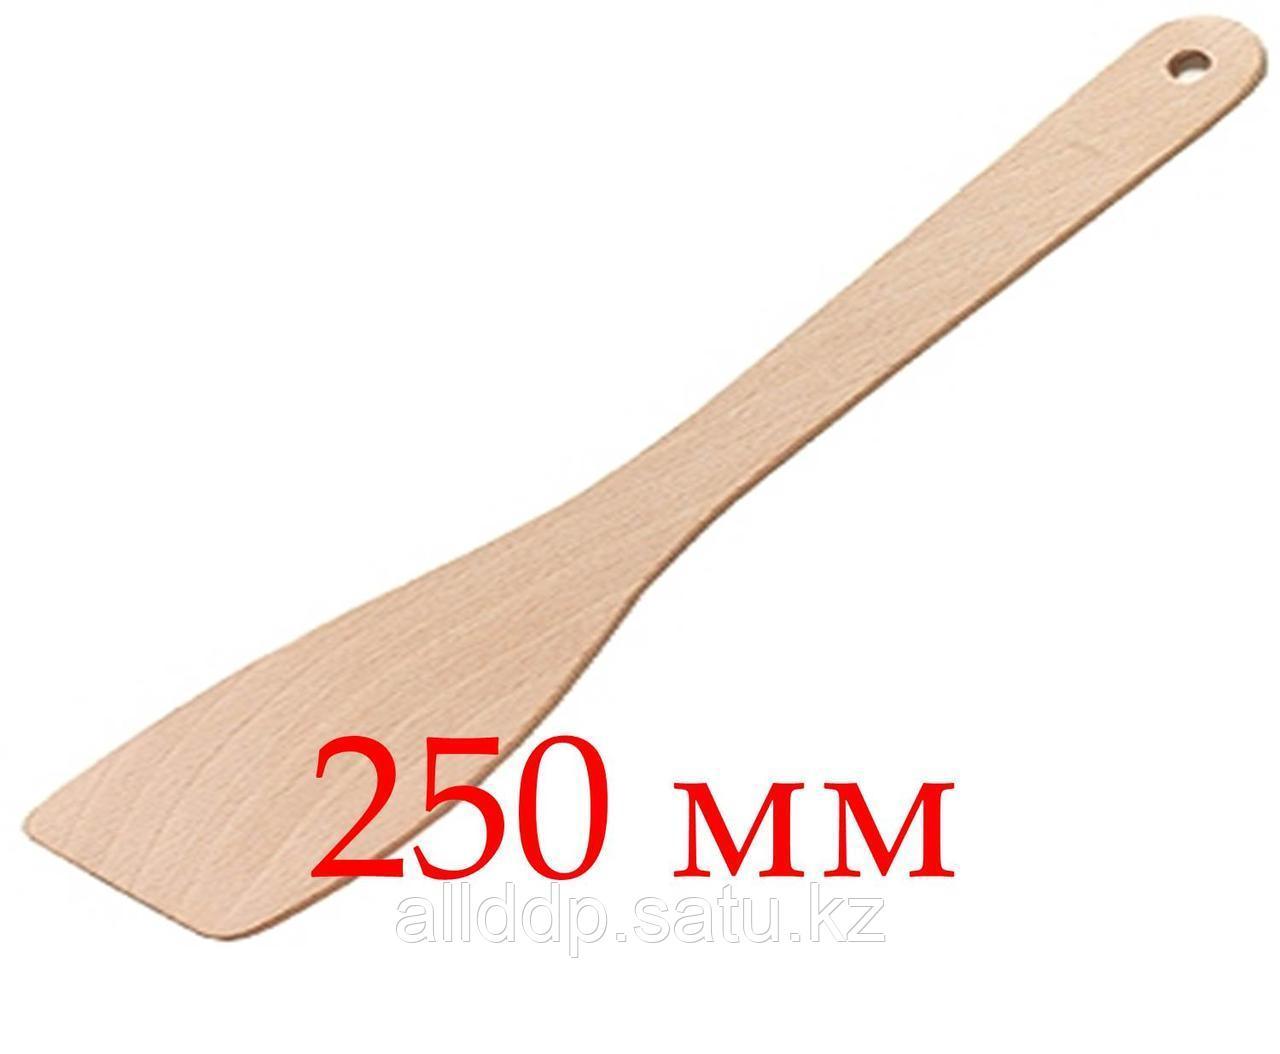 Лопатка деревянная, 250 мм